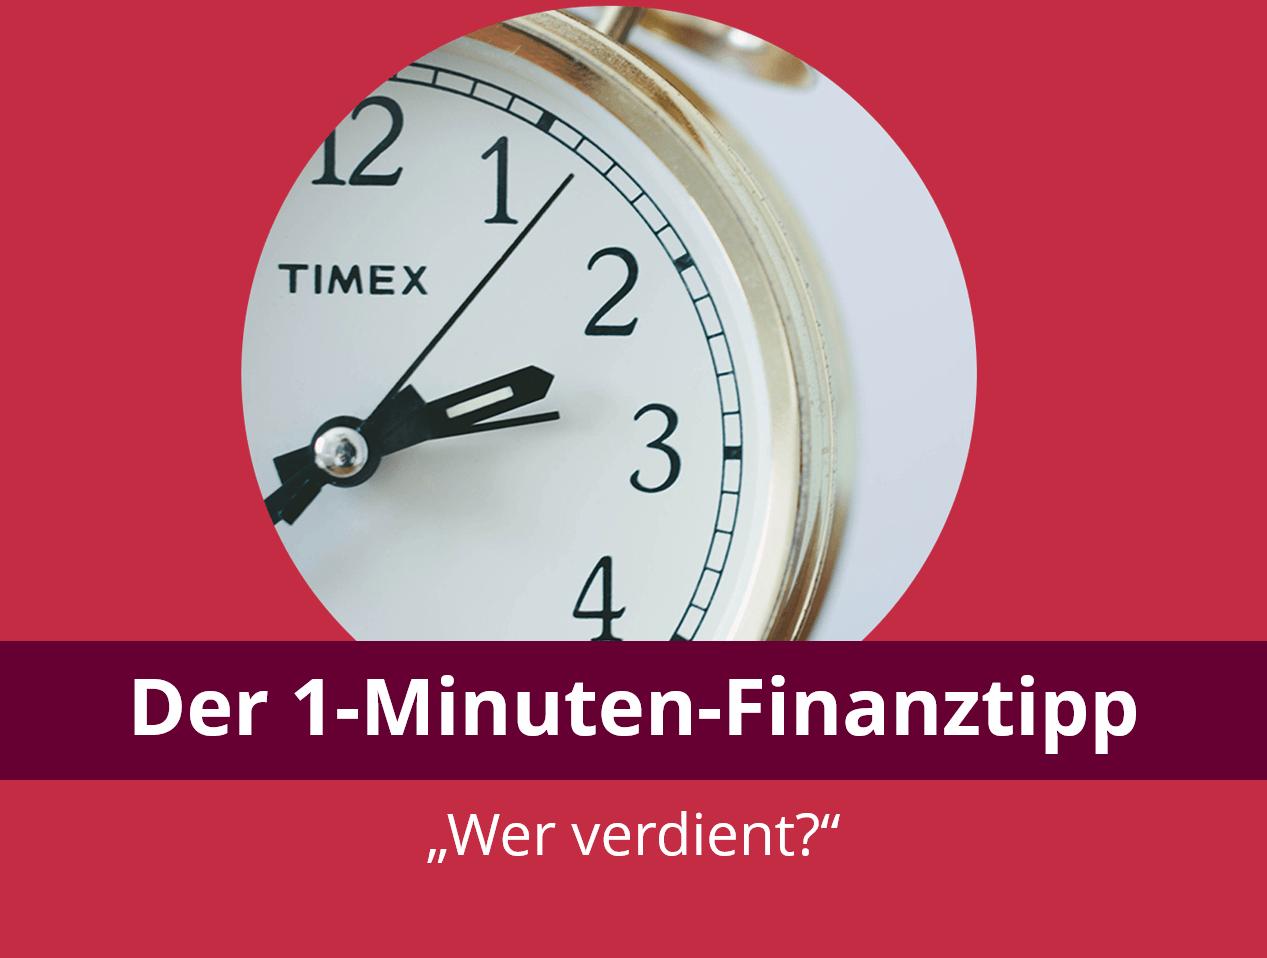 Der 1-Minuten-Finanztipp: Wer verdient eigentlich?